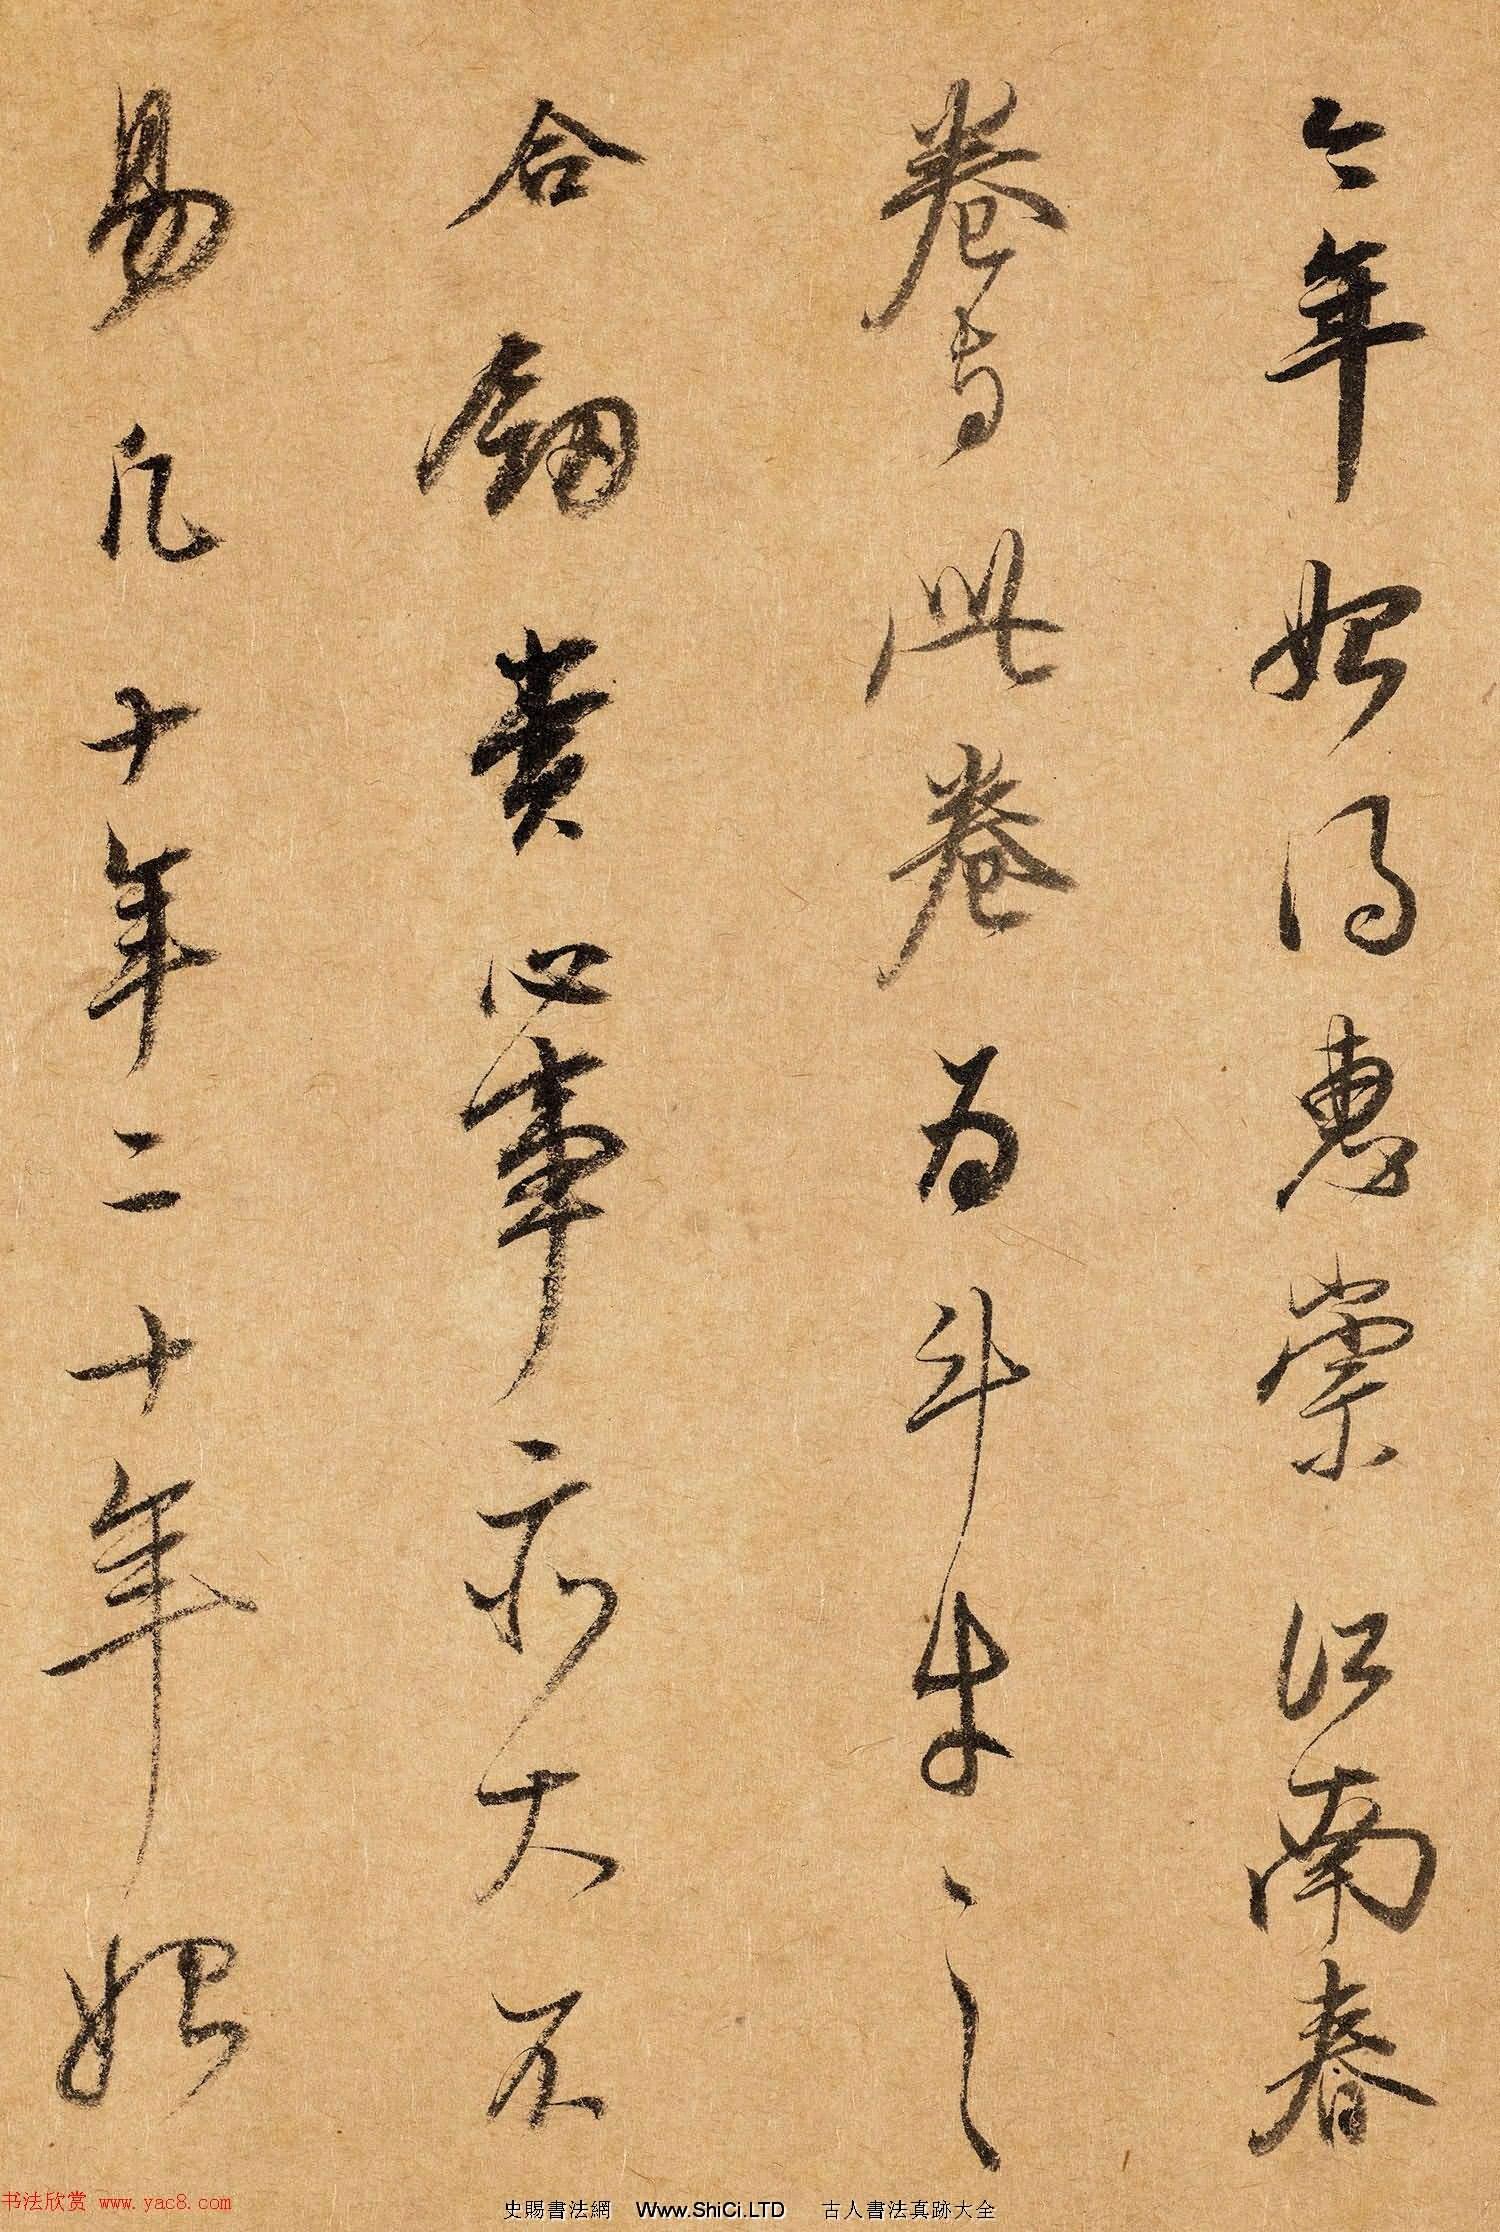 董其昌書法三次題跋湖莊清夏圖高清本(共4張圖片)